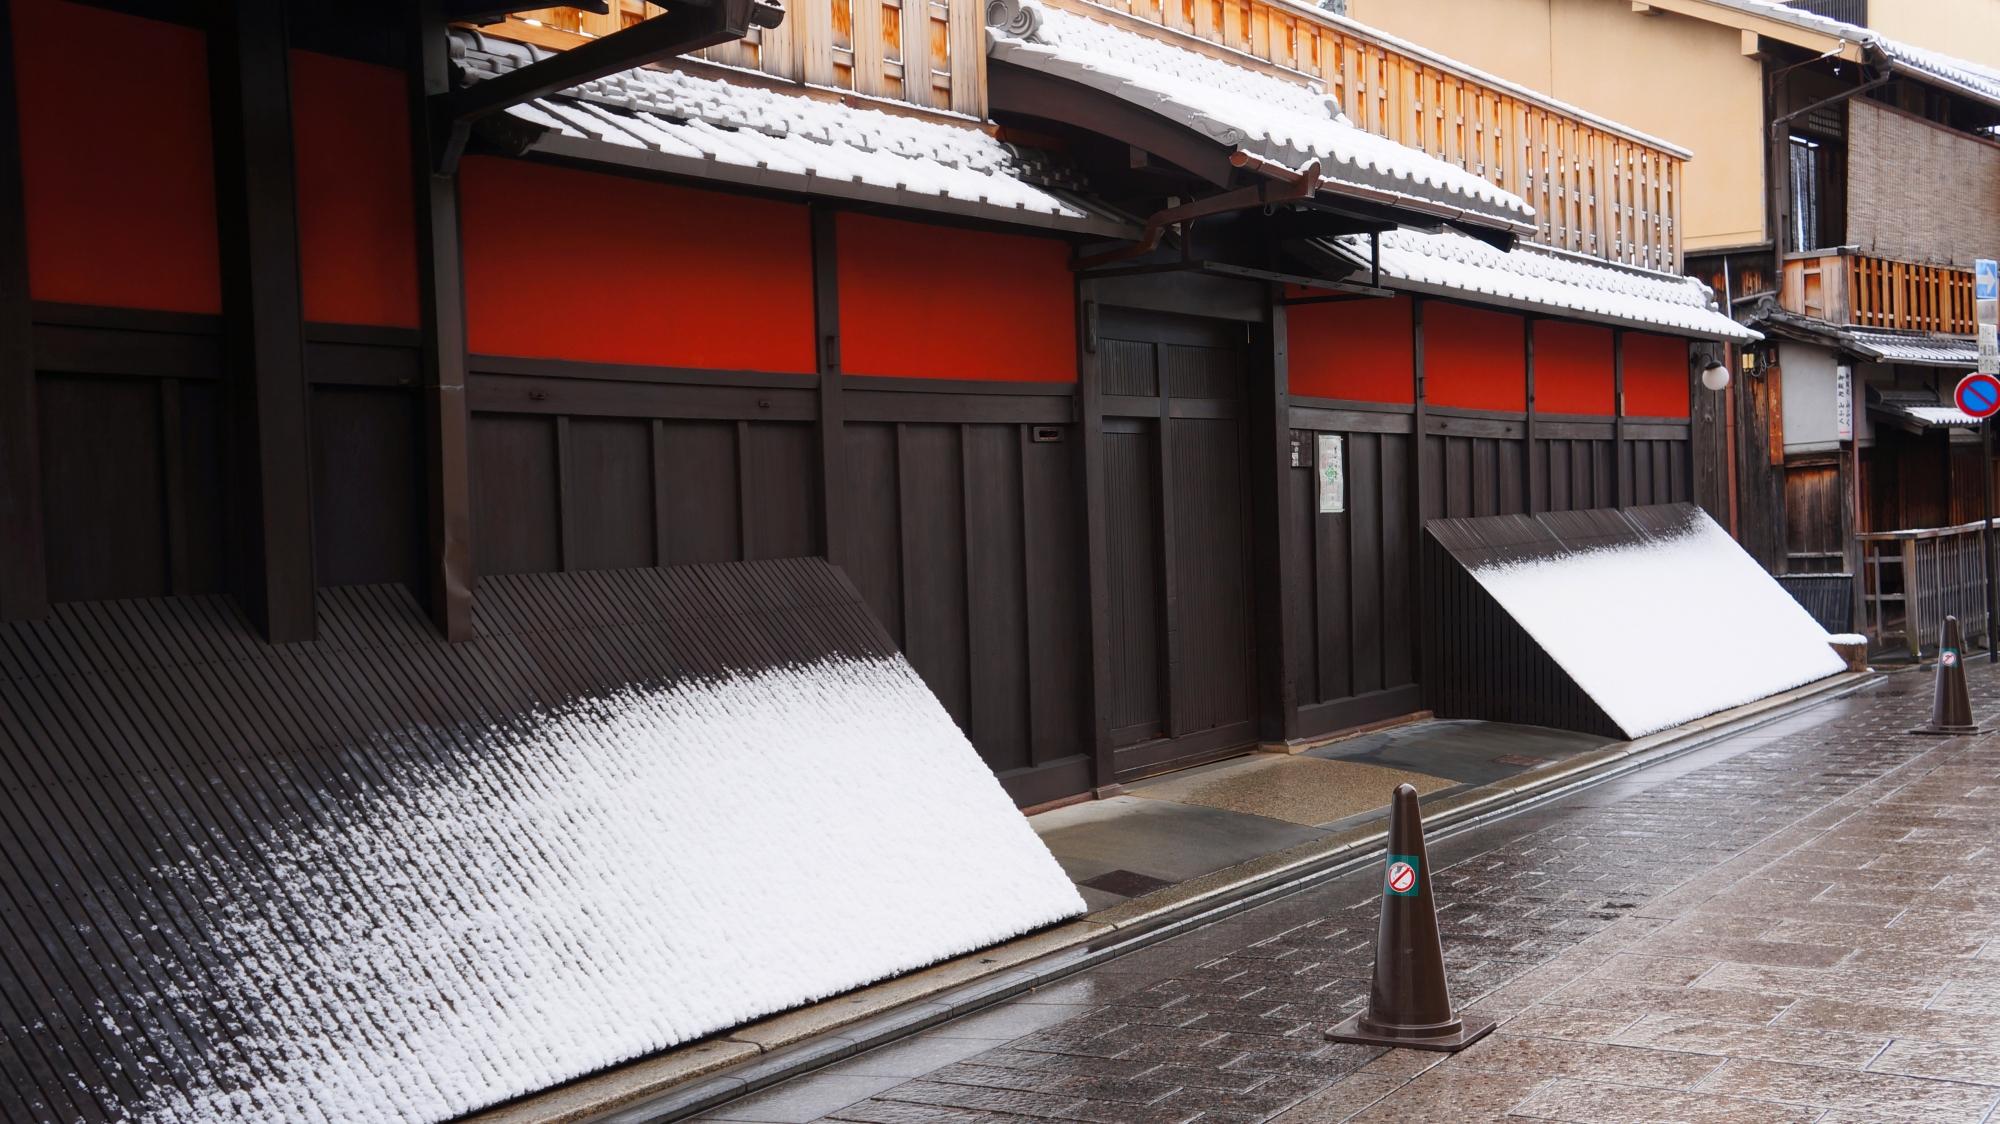 何とも情緒溢れる色合いの雪景色